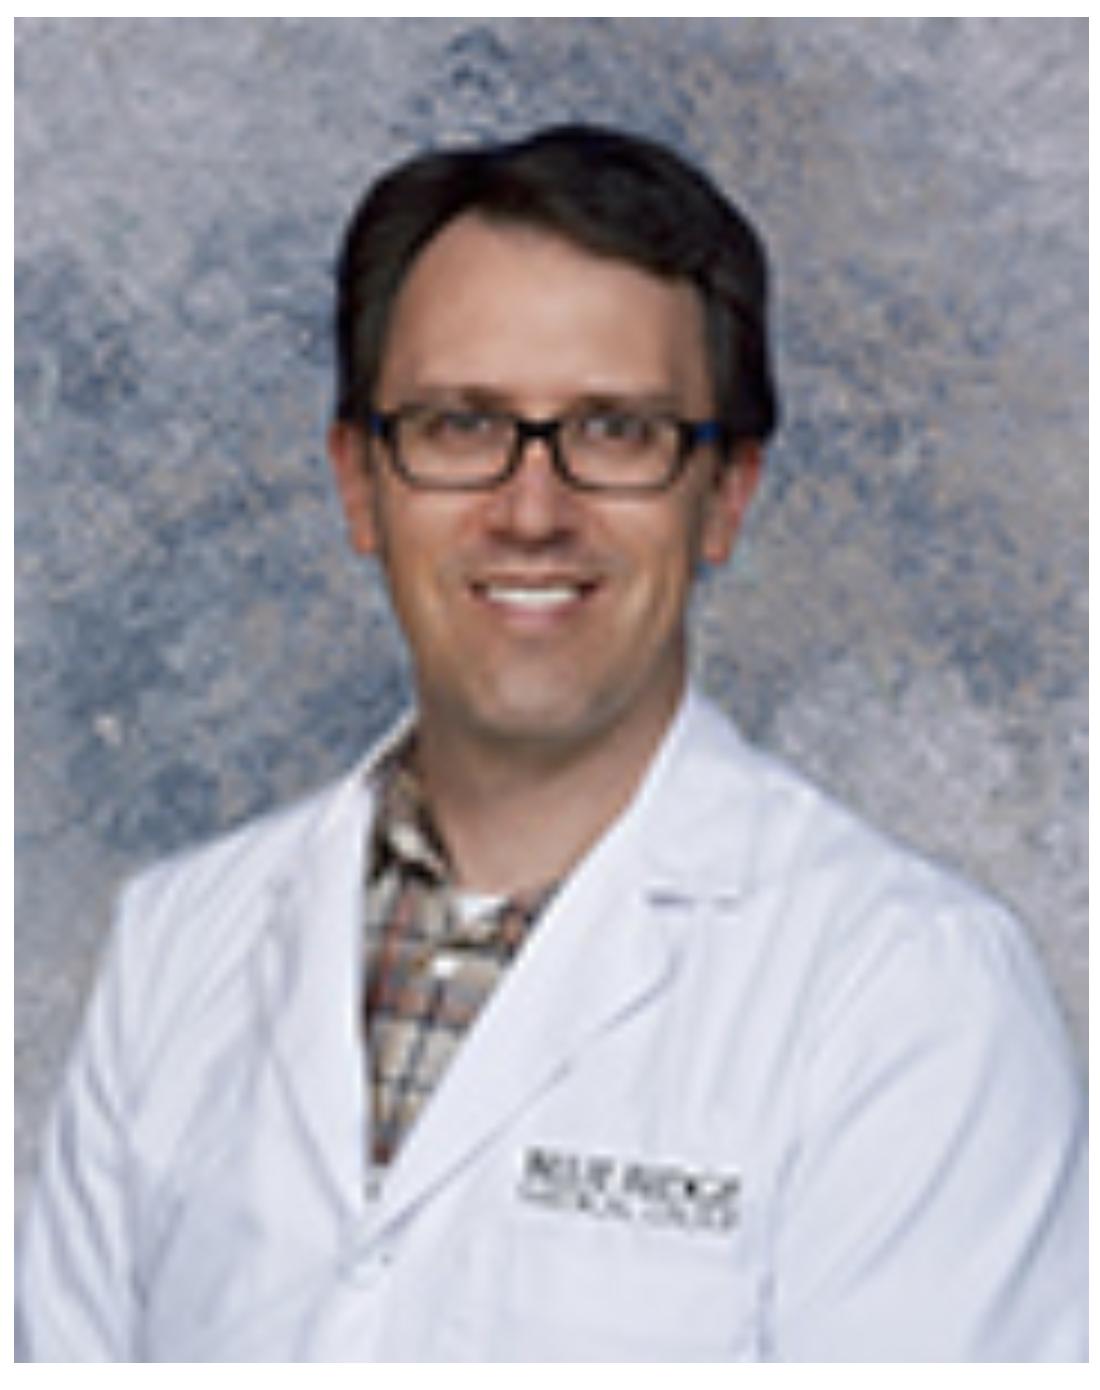 Dr. Dillon Miller